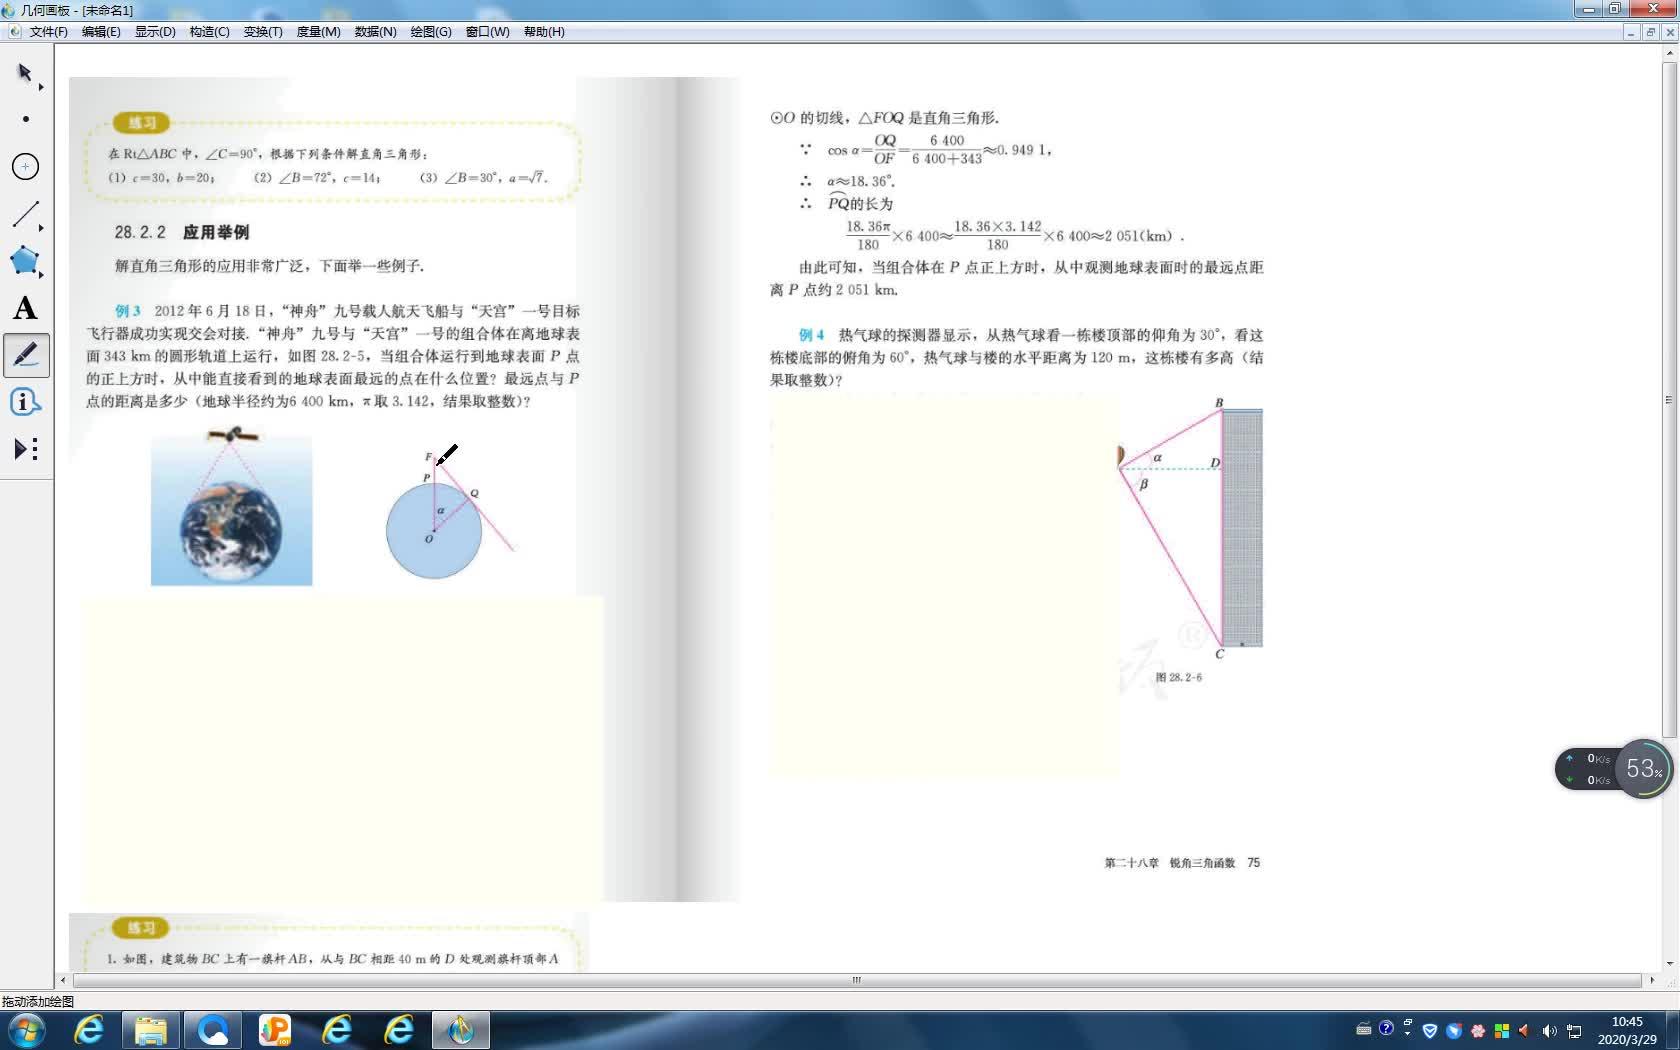 人教版九年級下冊   28.2.2應用舉例(1)視頻微課